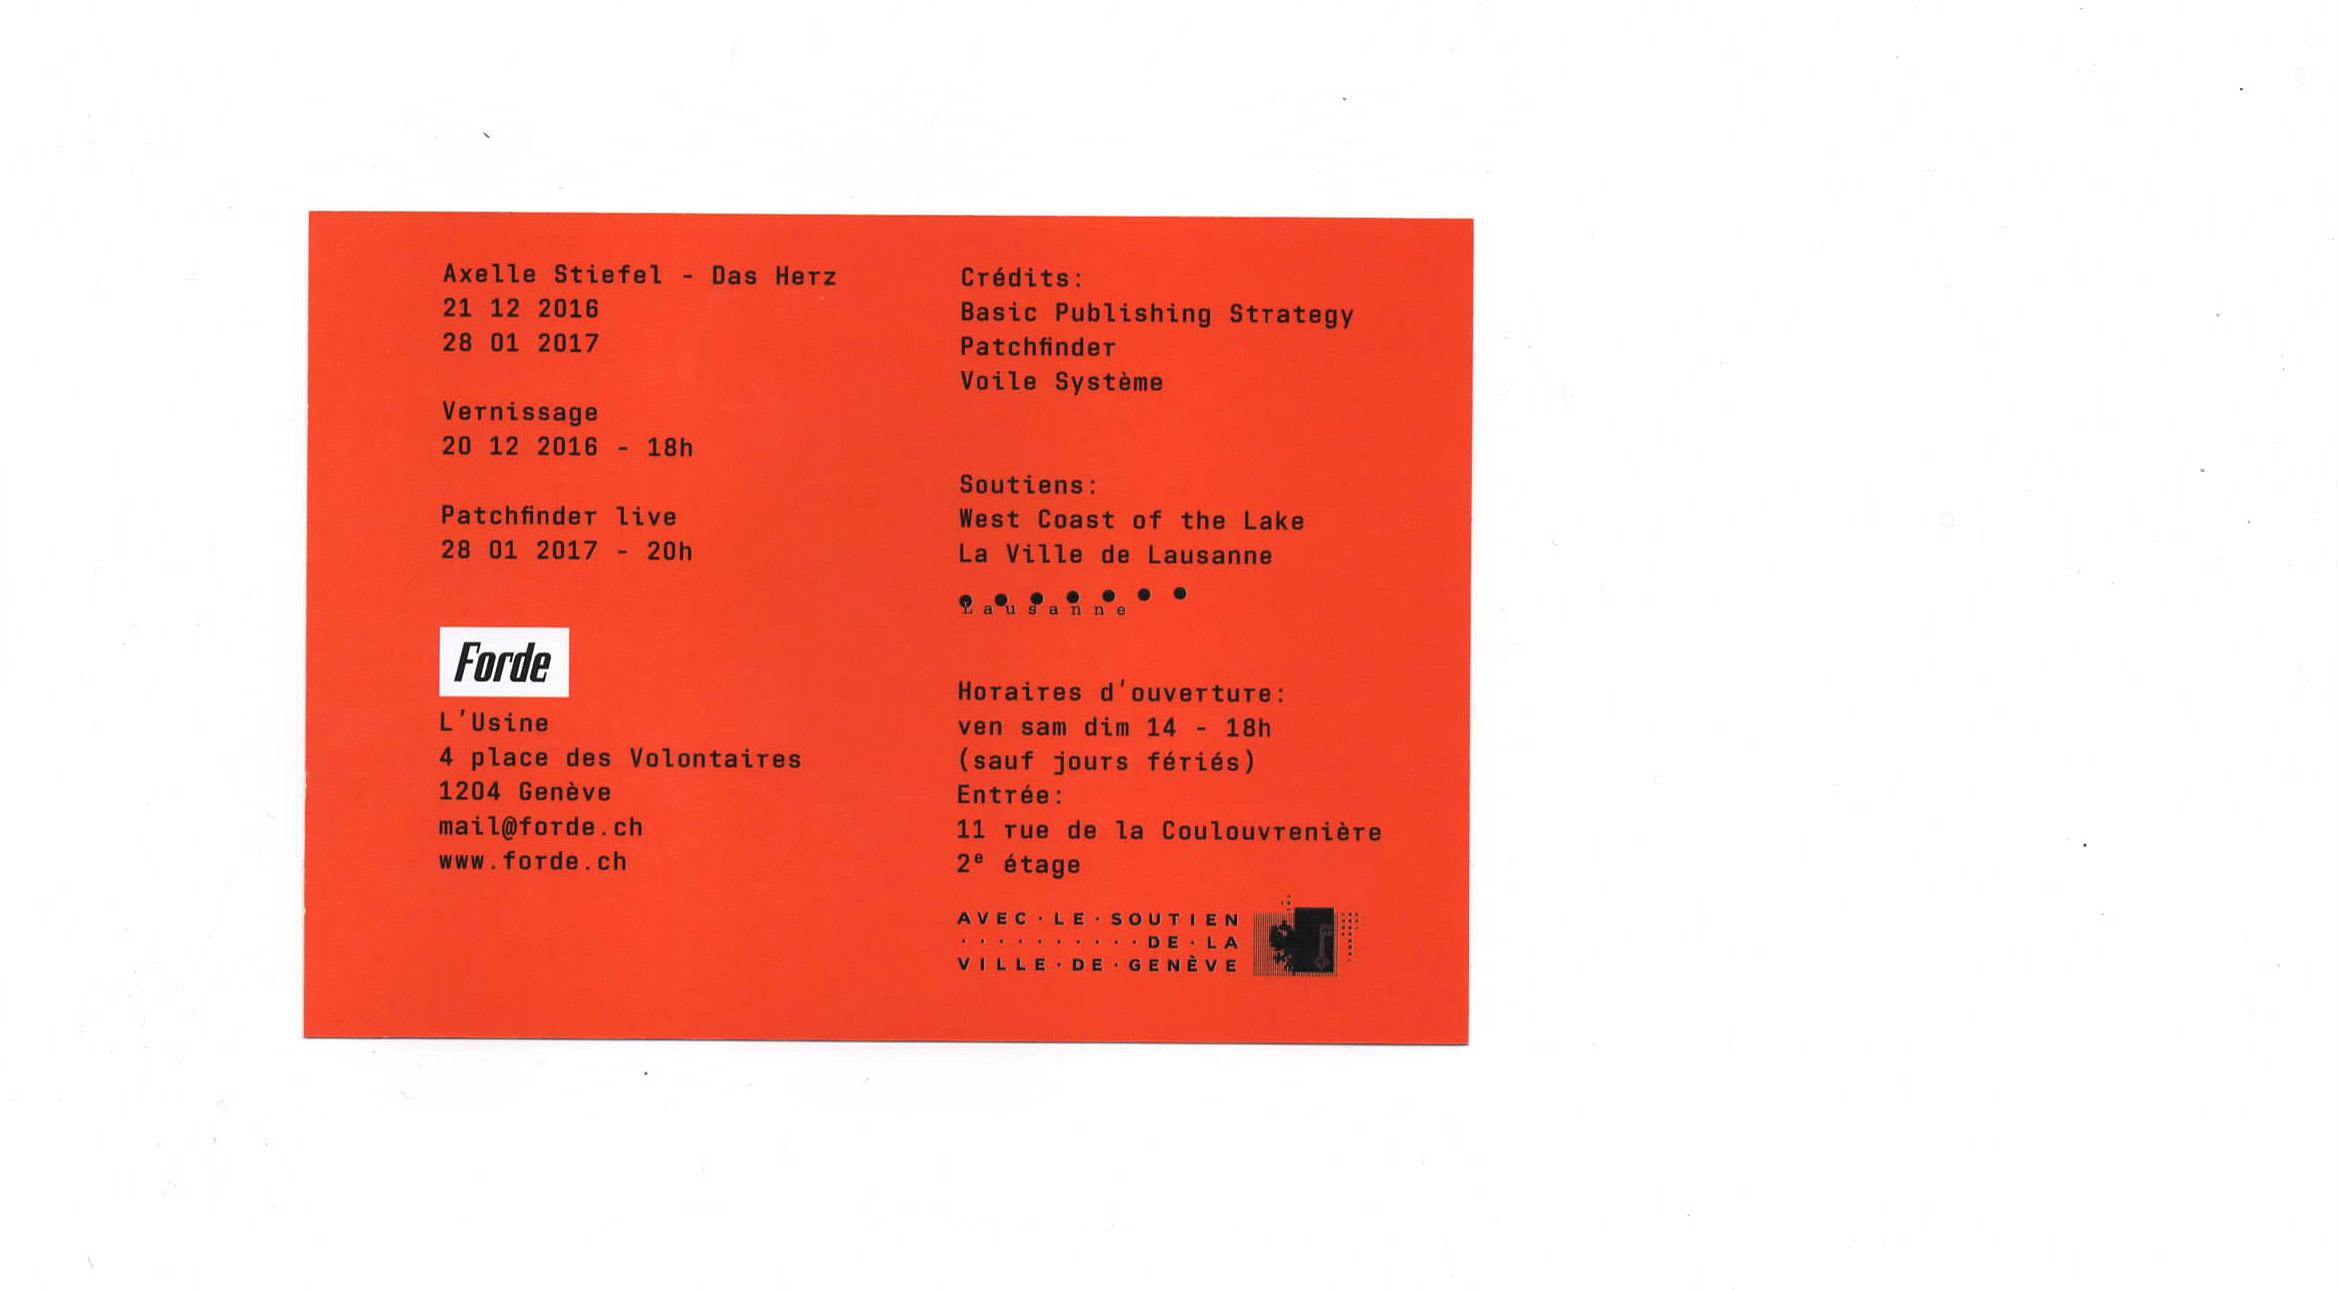 forde - flyer - Axelle Stiefel – Das Herz